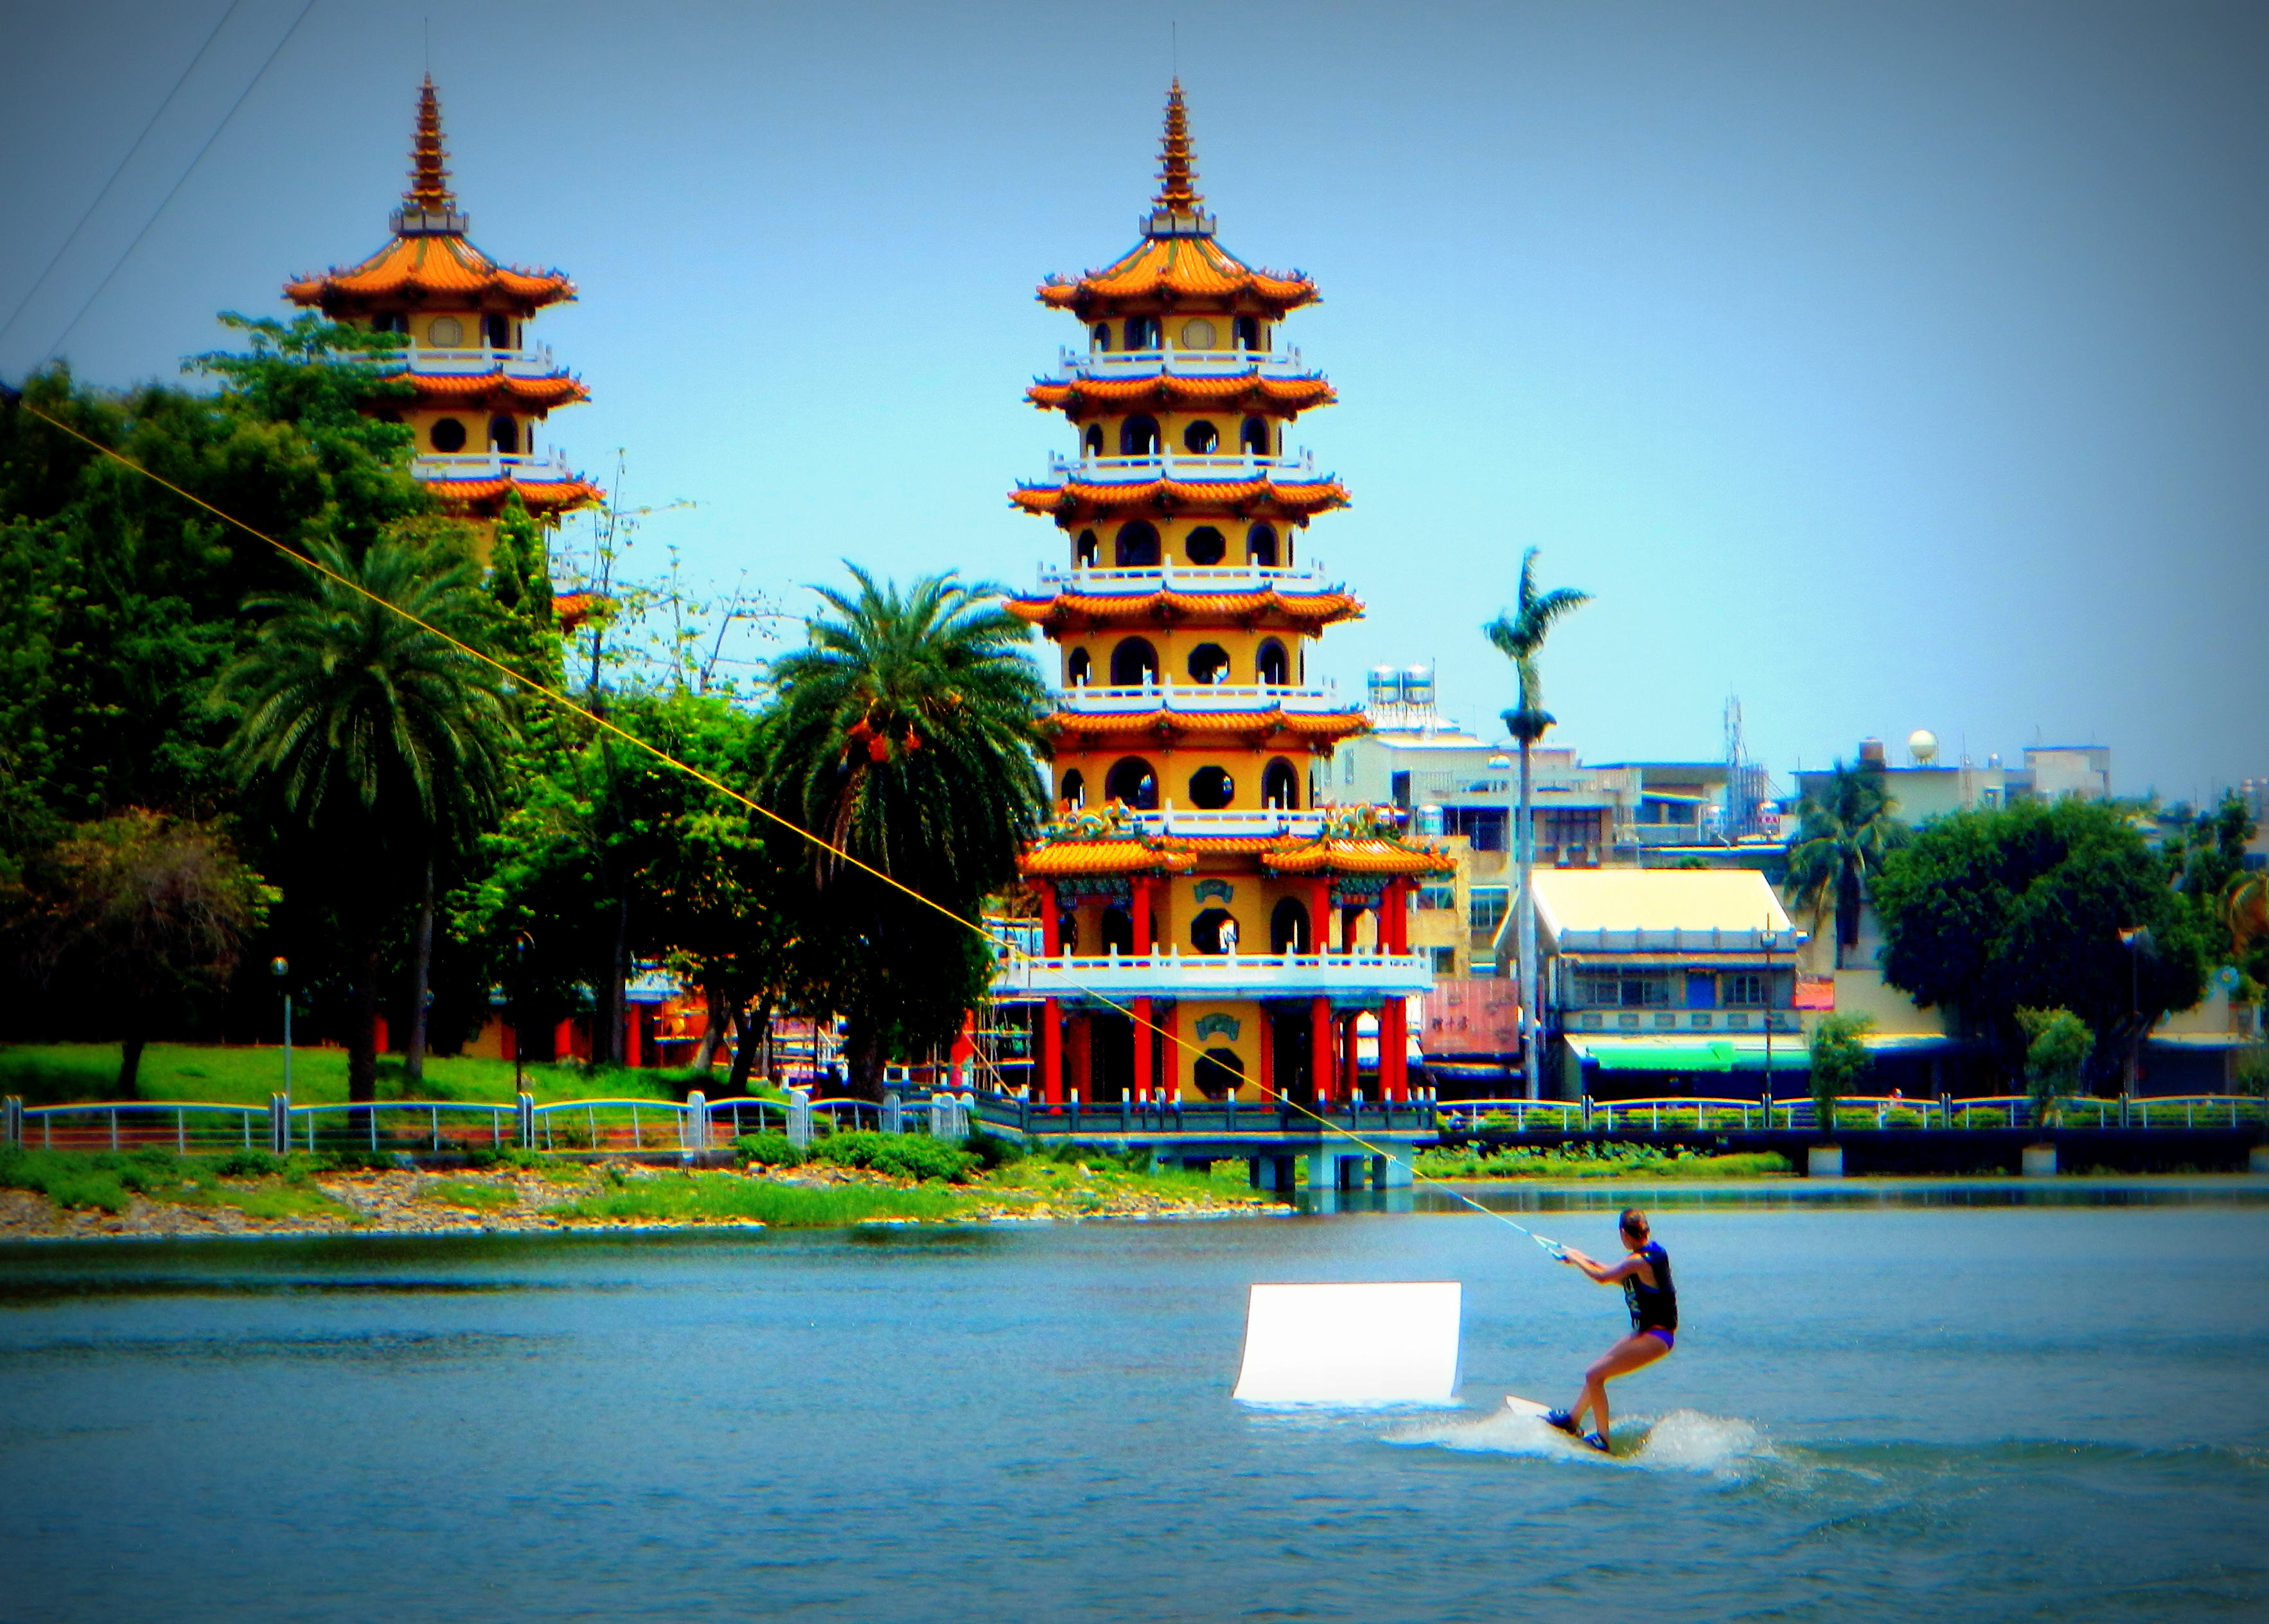 Wakeboarding Lotus Lake, Kaohsiung, Taiwan